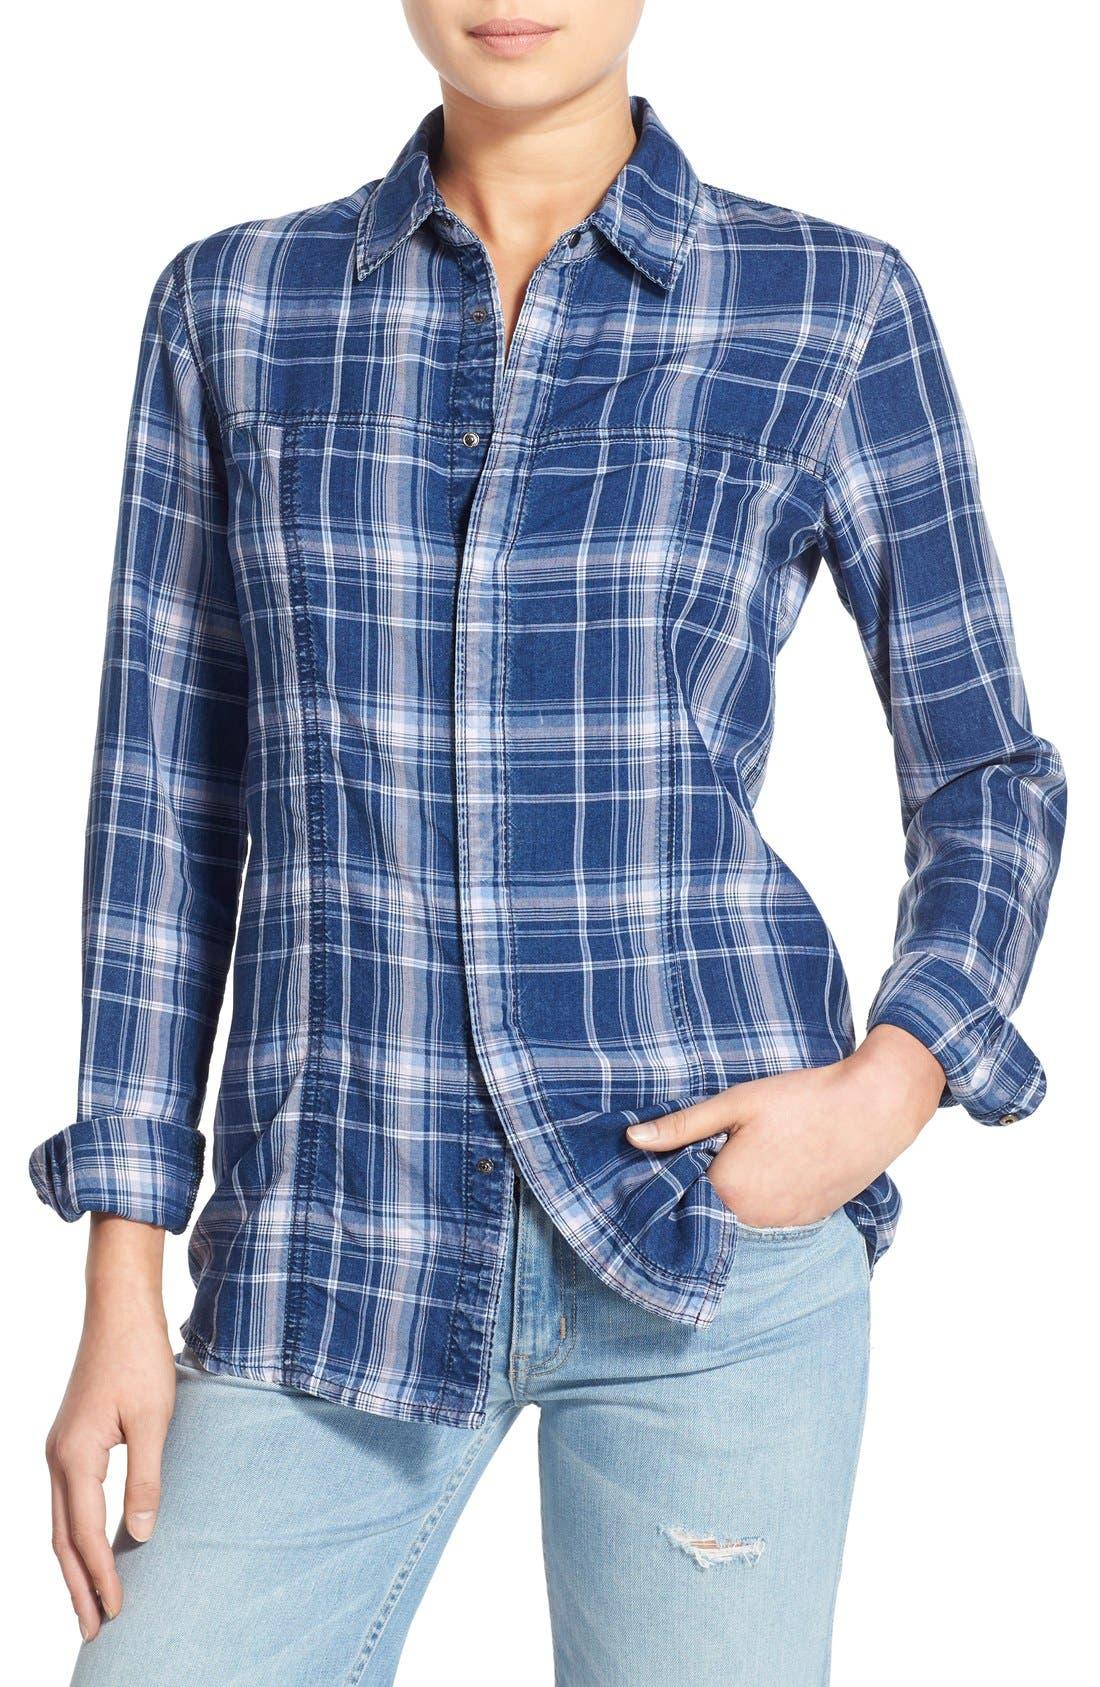 Main Image - Hudson Jeans 'Britt' Plaid Shirt